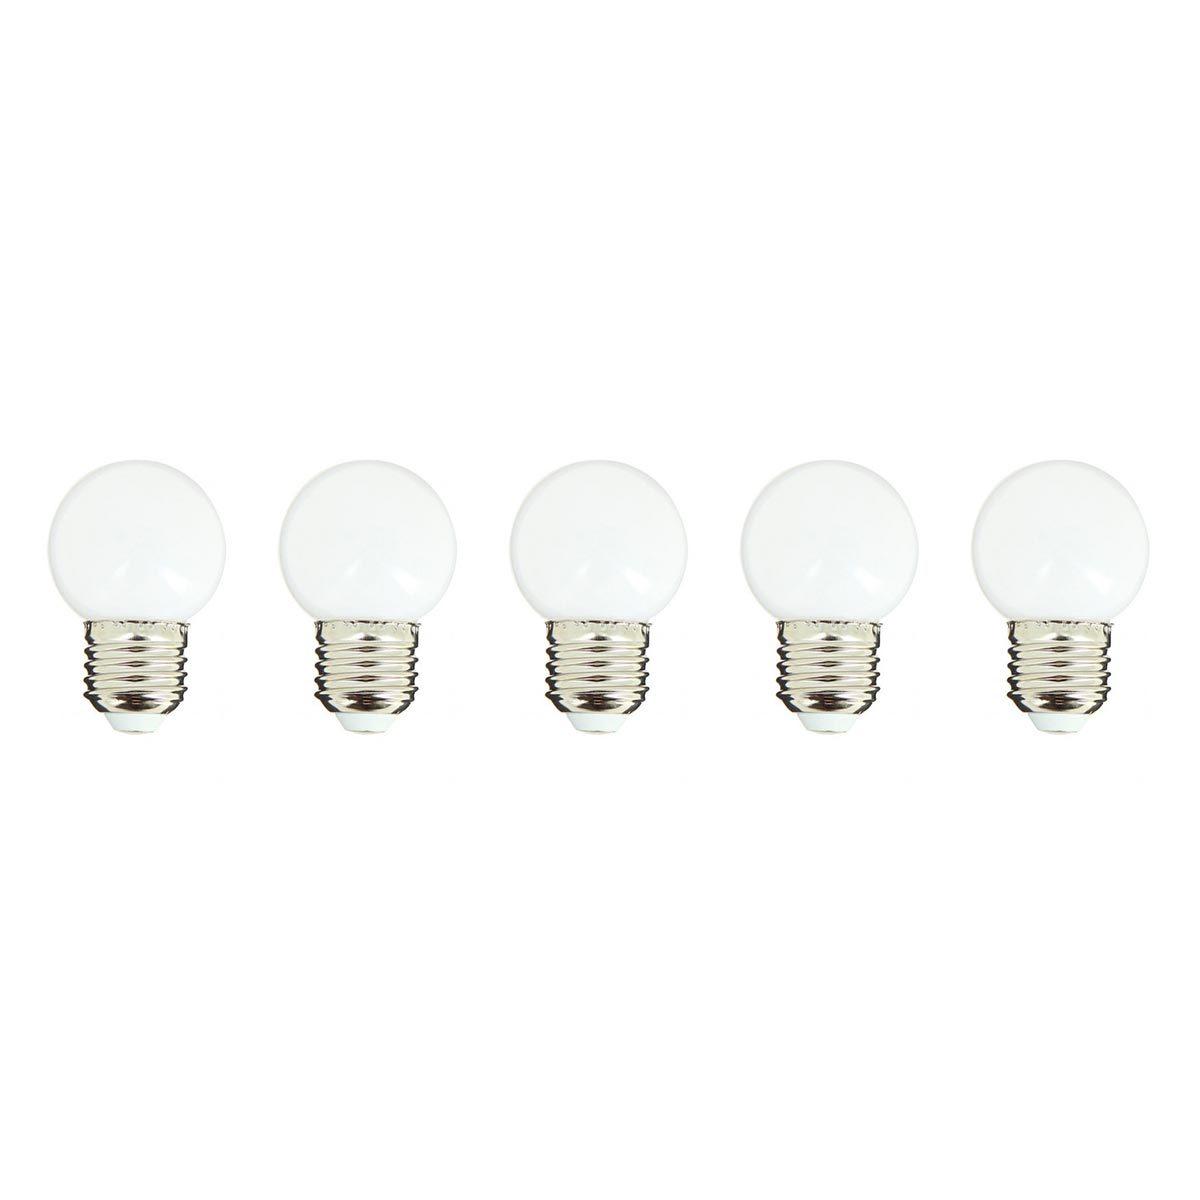 PARTY BULB WHITE-Lot de 5 ampoules LED E27 plastique blanc H7cm